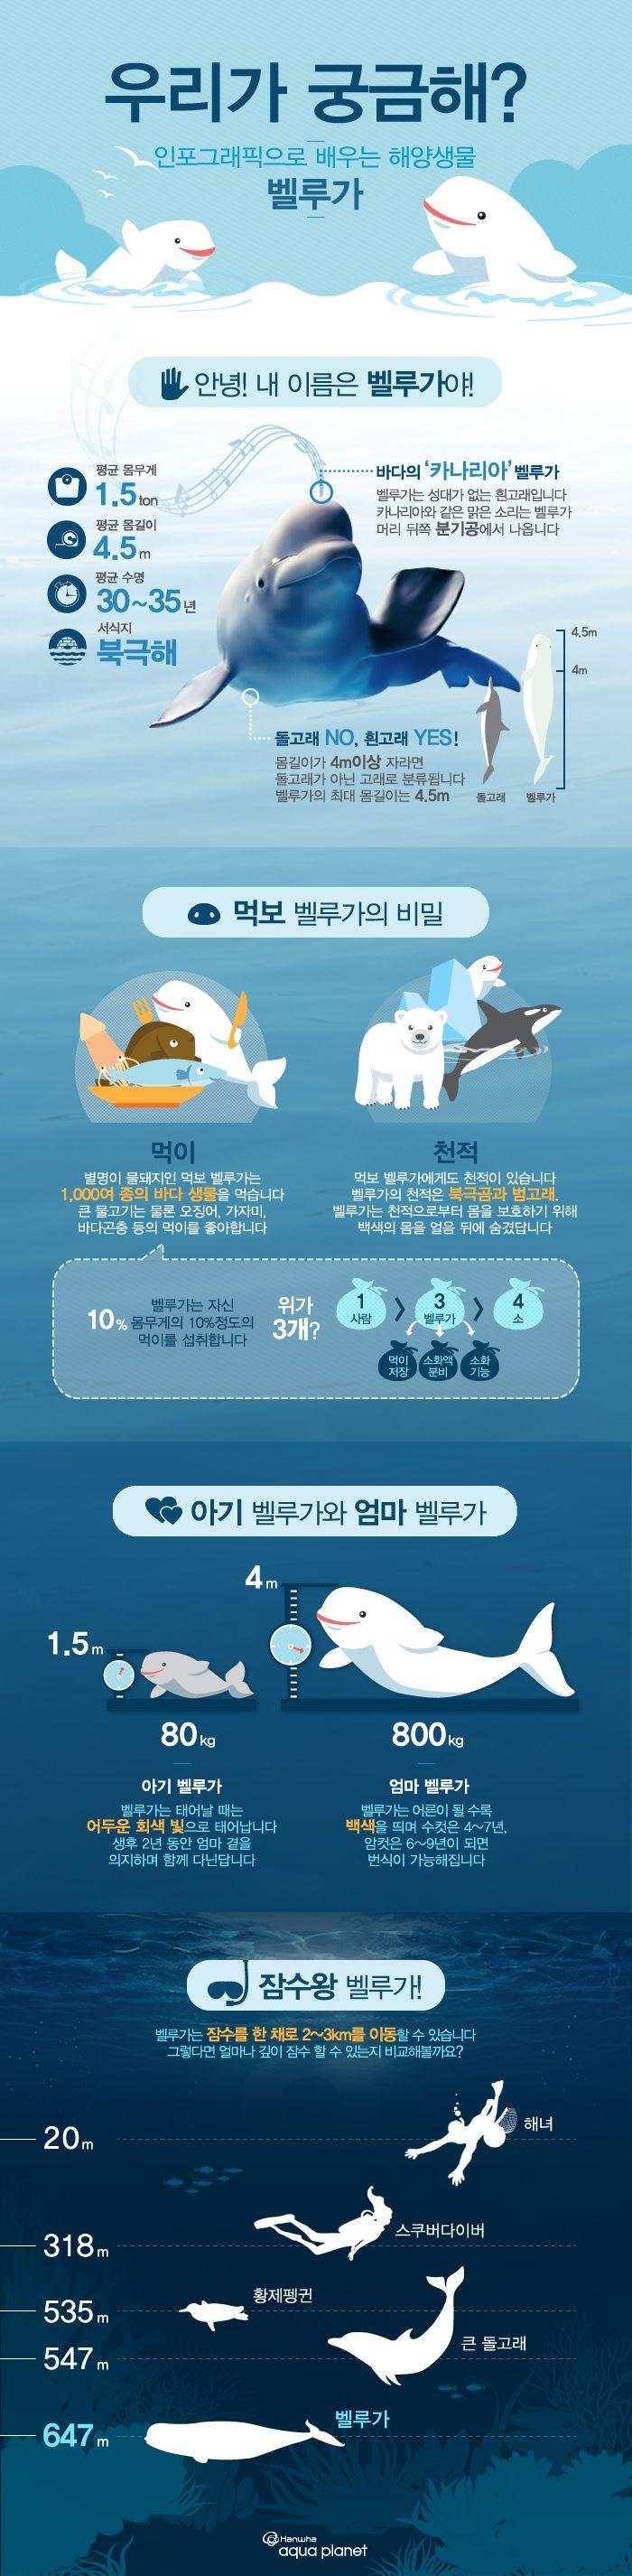 해양생물 편 흰고래 '벨루가'에 관한 인포그래픽